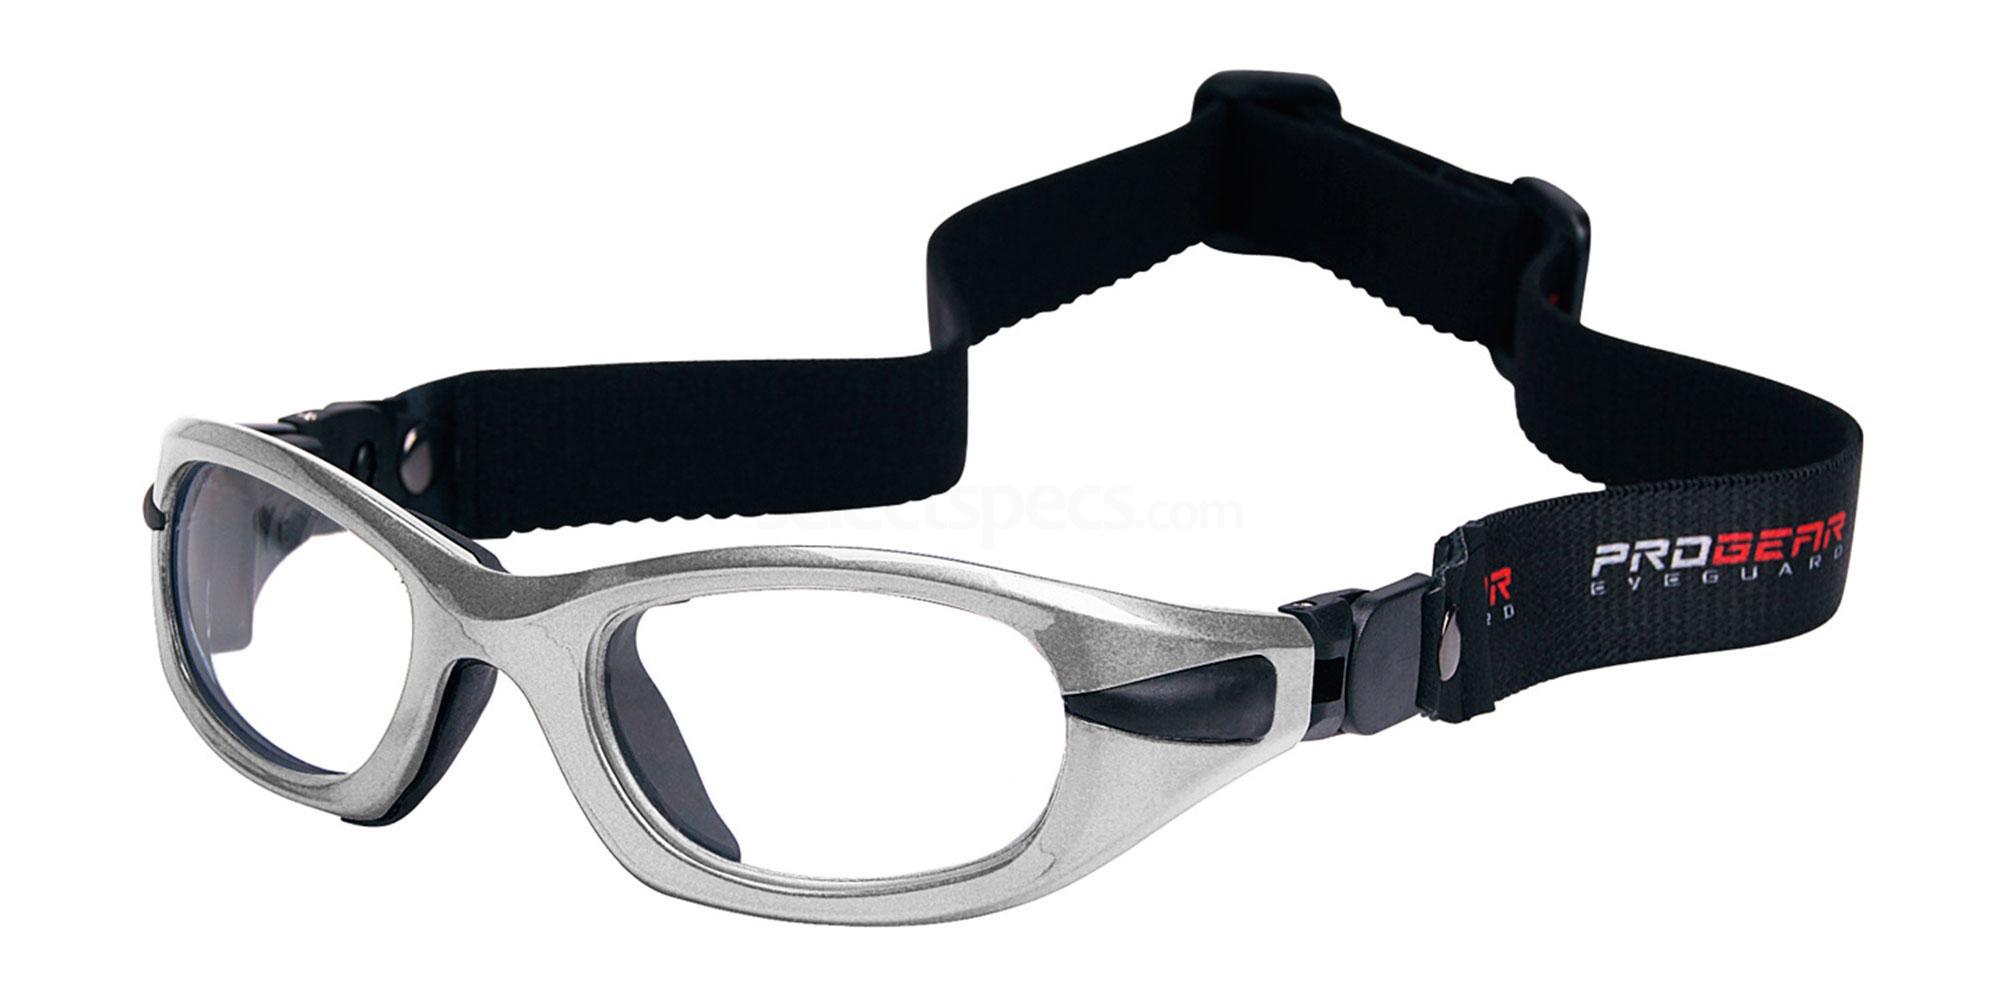 Silver Progear EG-S 1011 Accessories, Sports Eyewear